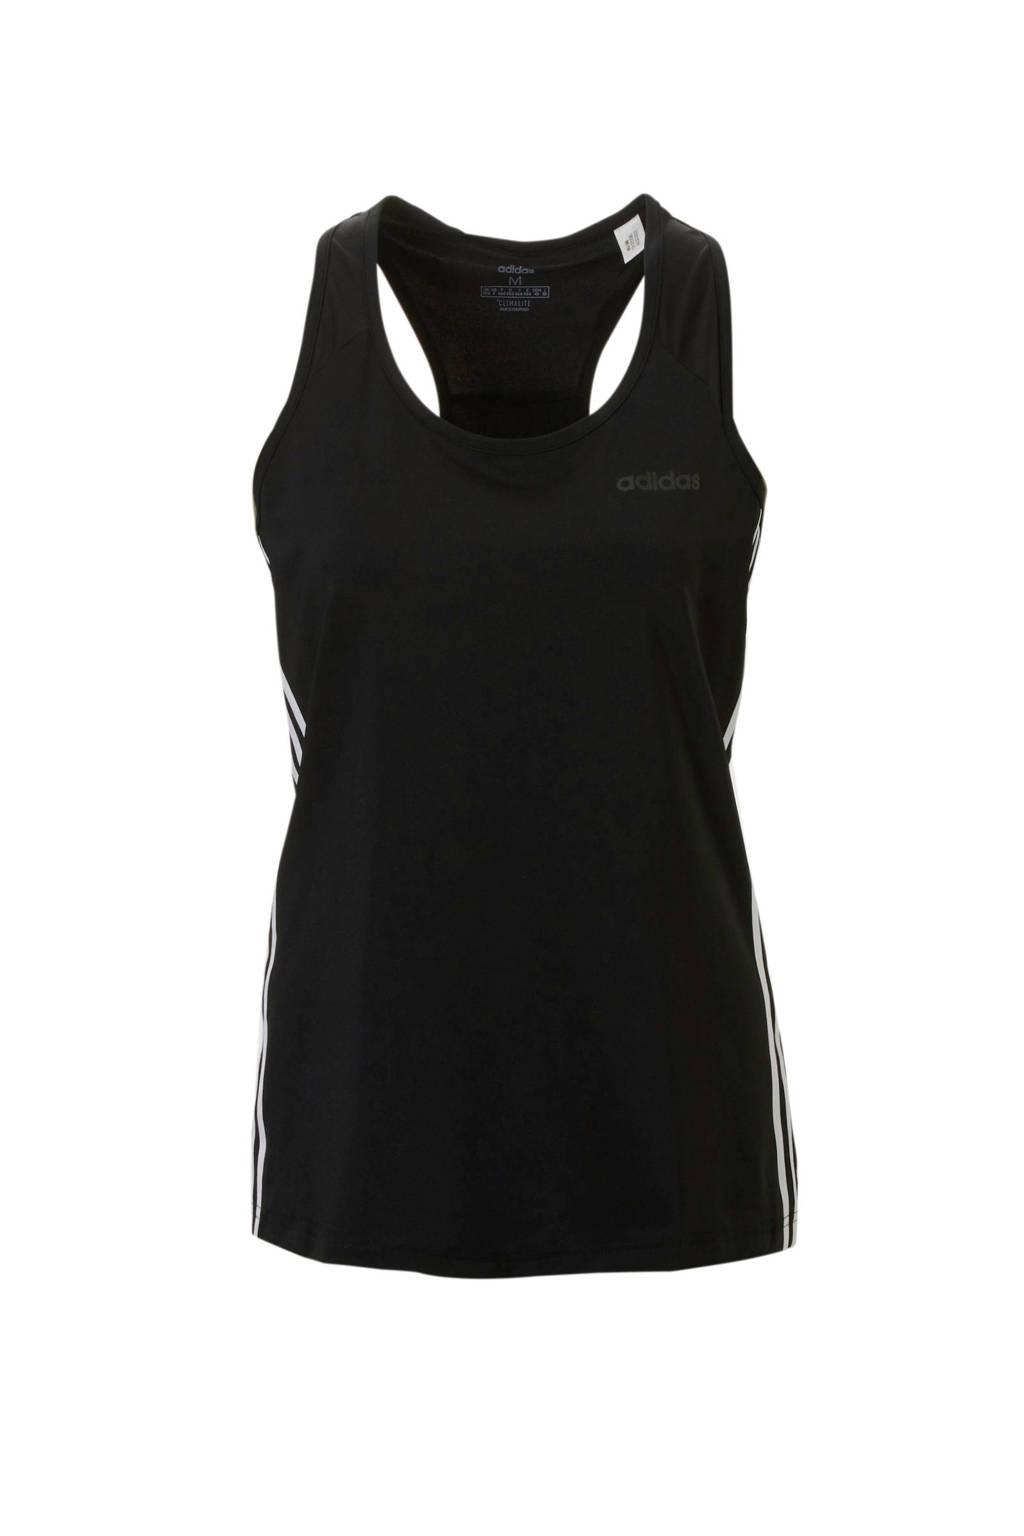 adidas Performance sporttop zwart, Zwart/wit